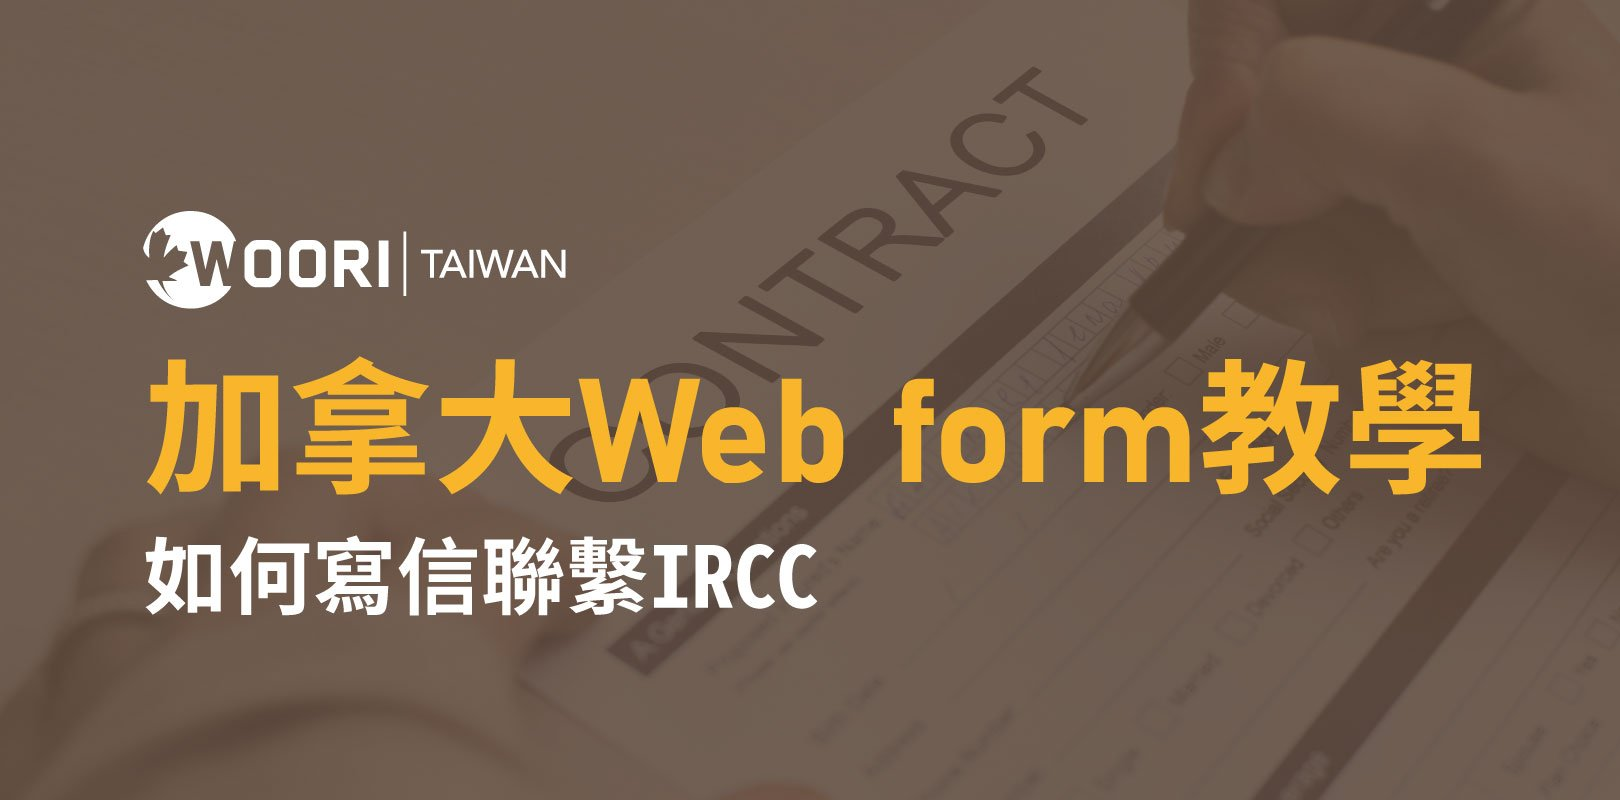 加拿大Web form教學-如何寫信聯繫IRCC